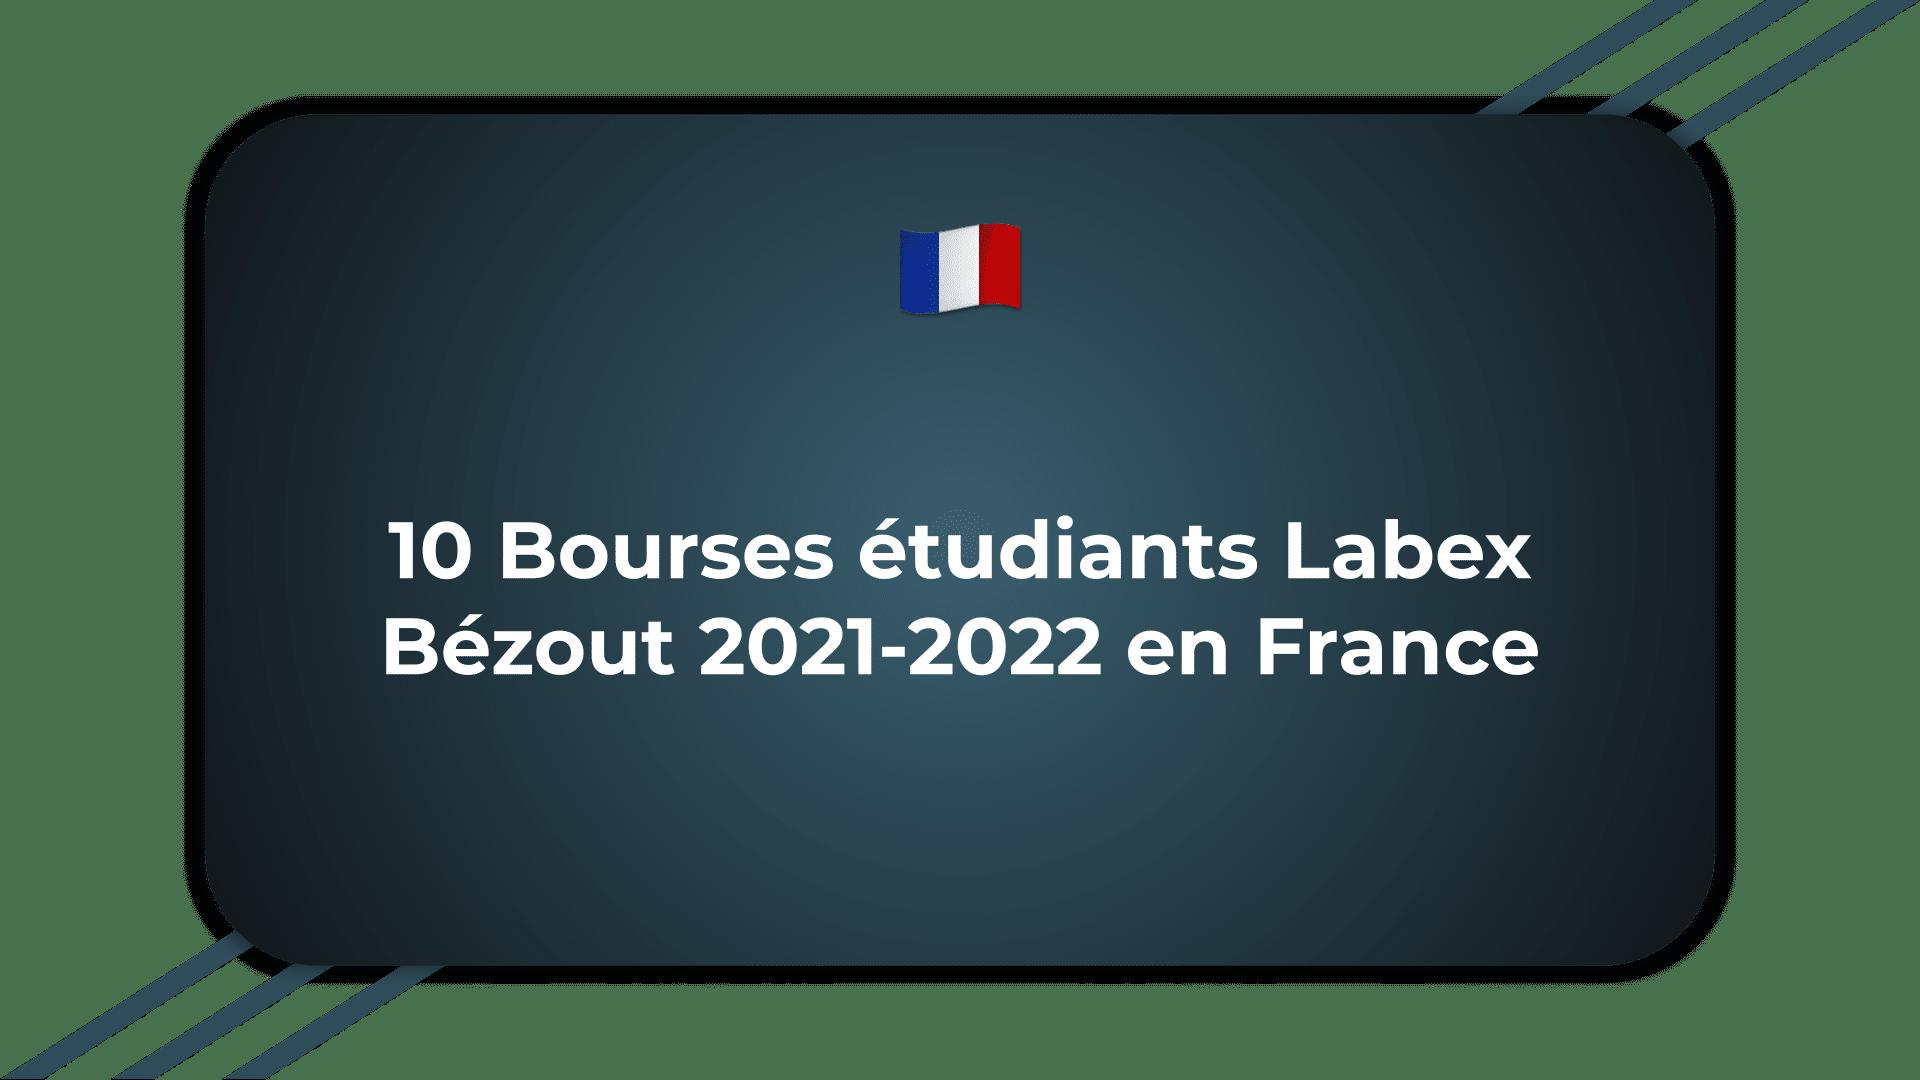 Bourses étudiants Labex Bézout